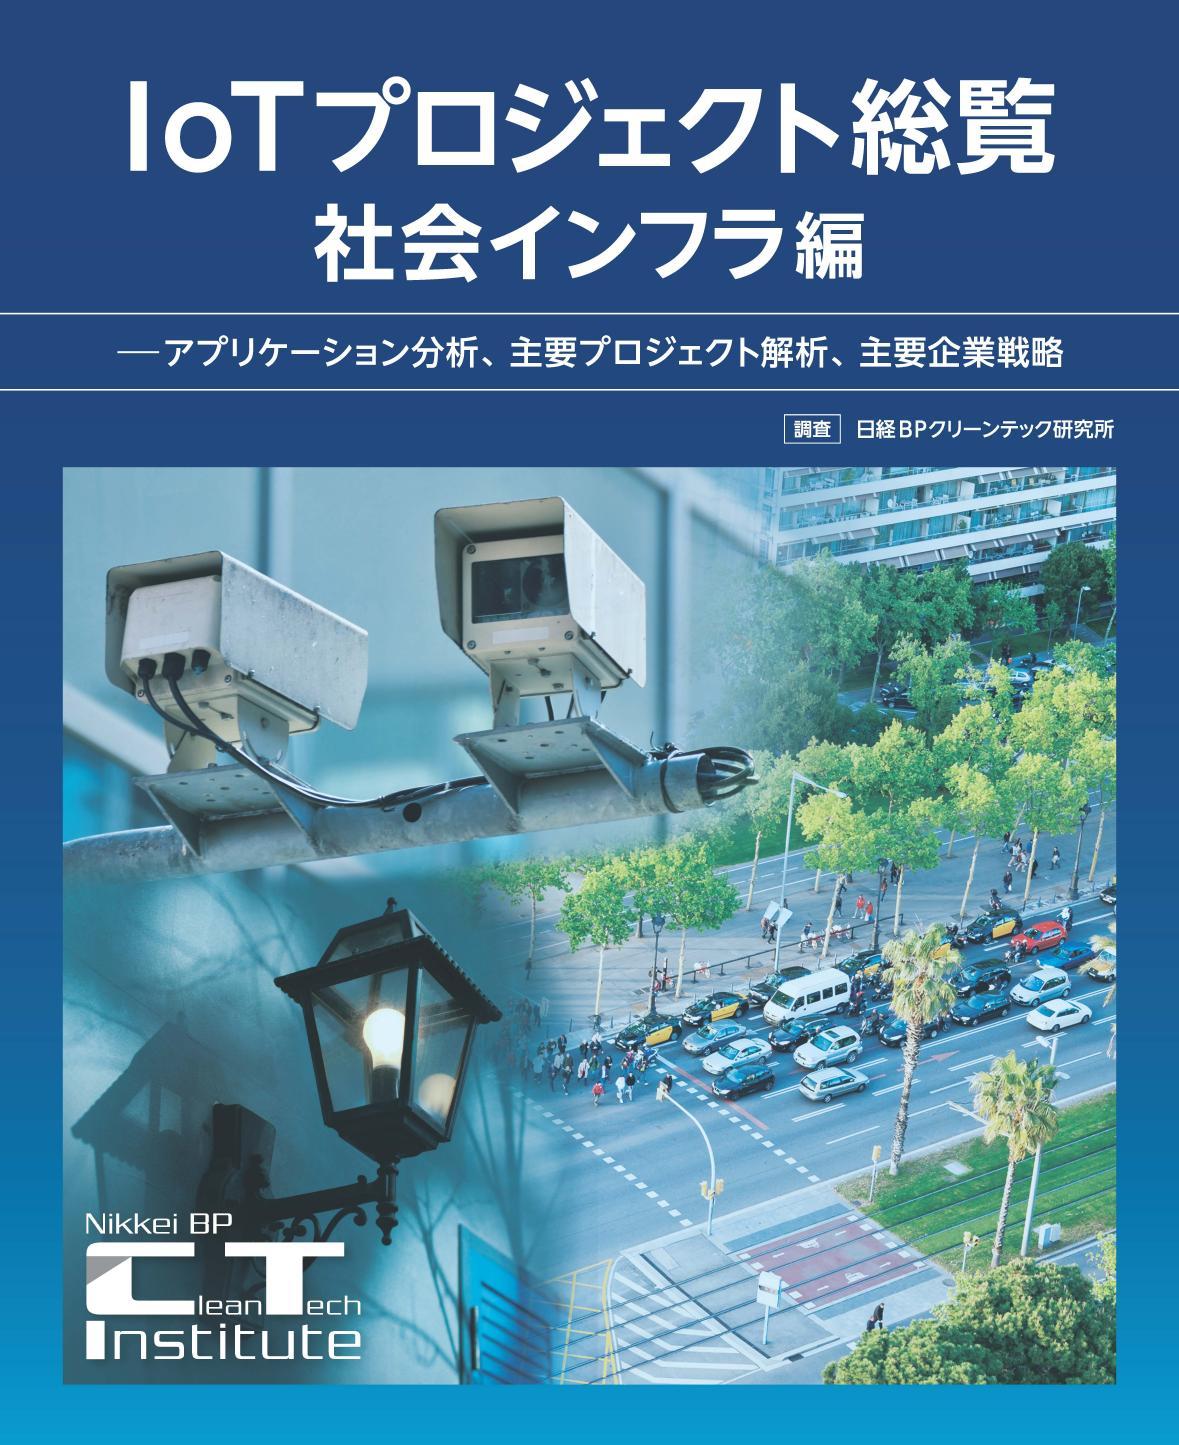 IoTプロジェクト総覧【社会インフラ編】